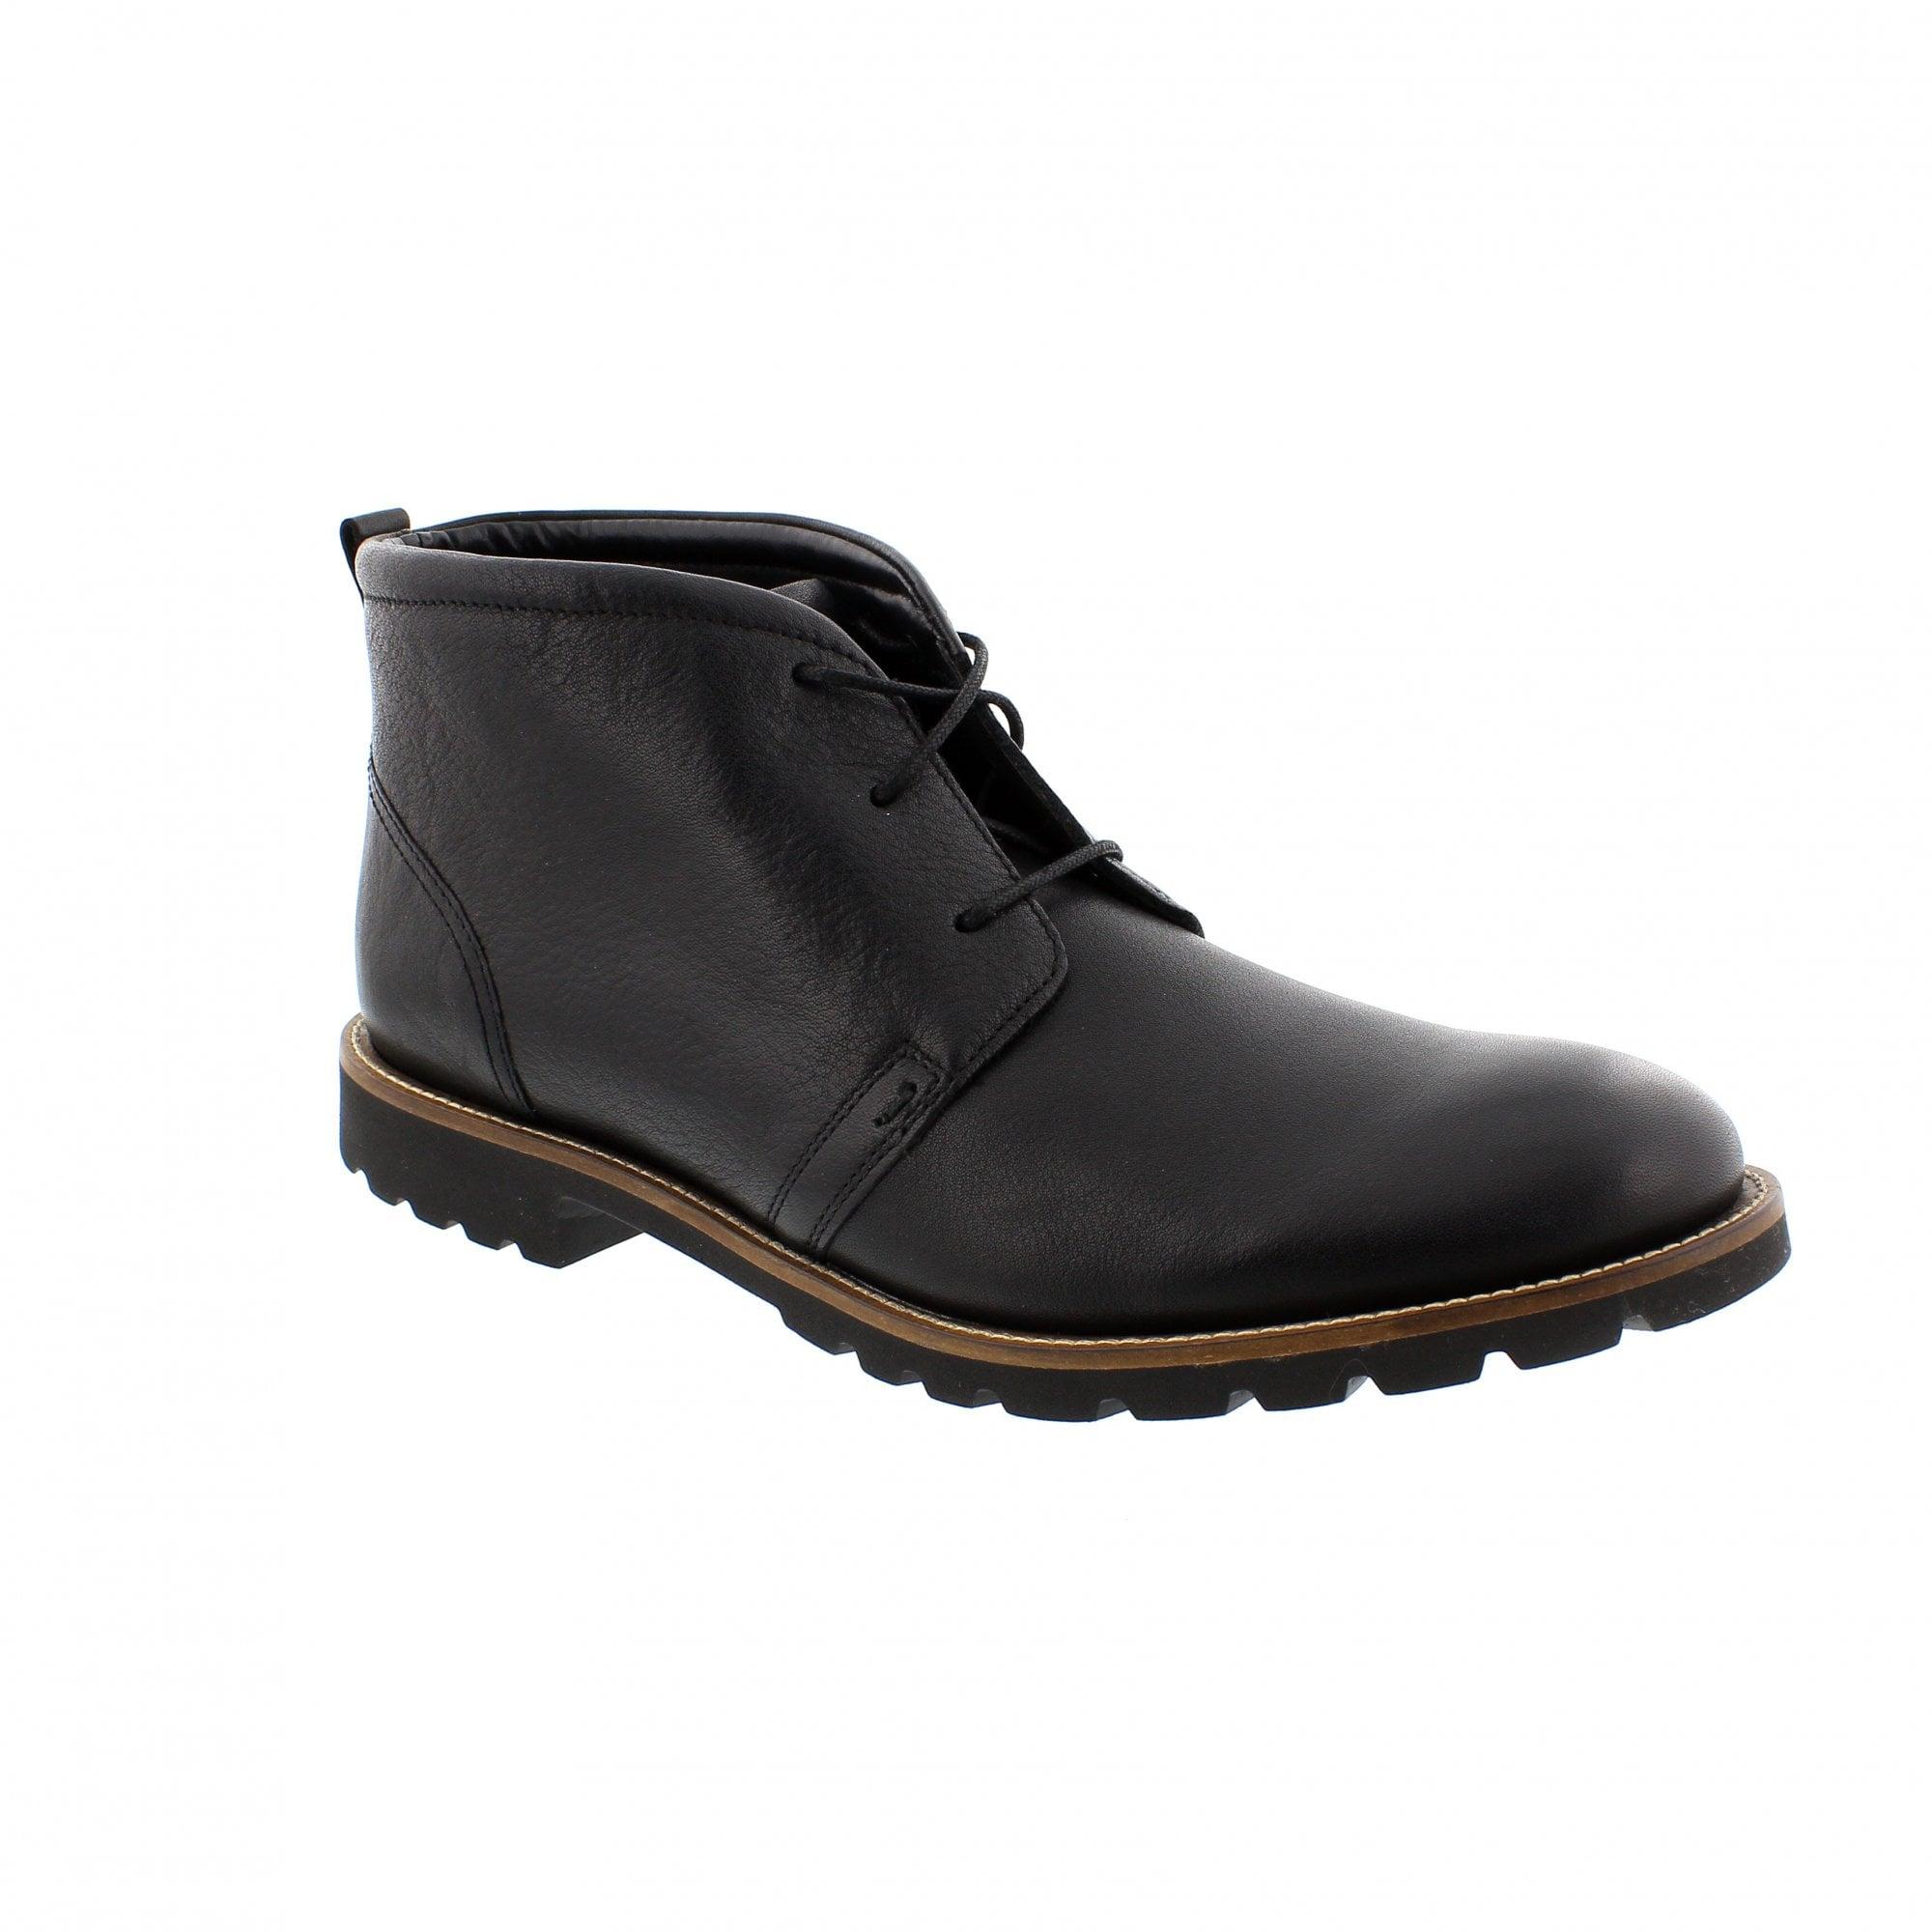 356a864d800d Rockport Modern Break H79456 Mens Chukka Boots